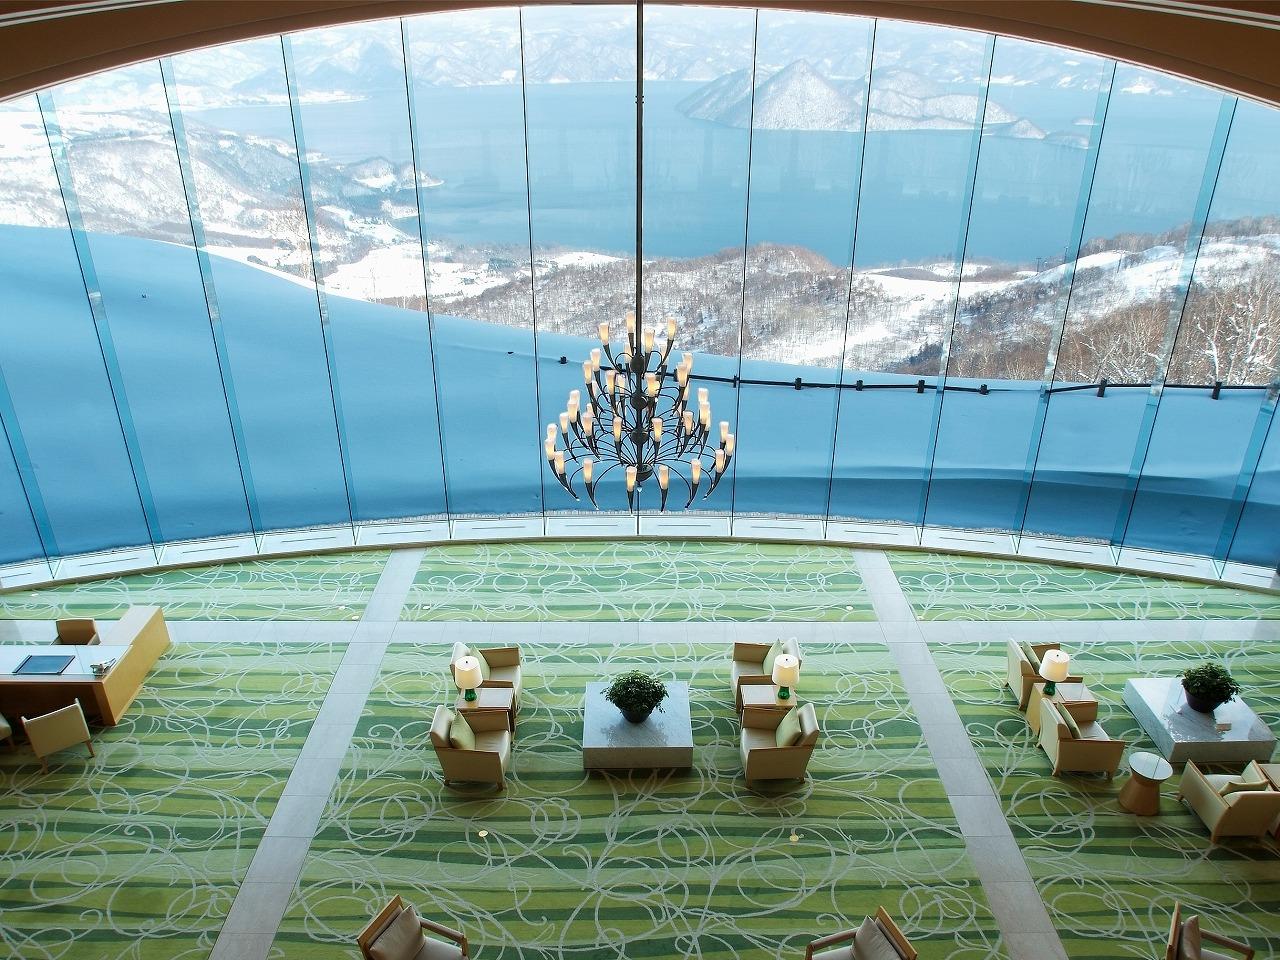 メインロビーでは洞爺湖を眺めながらハープの生演奏を聴きことができる